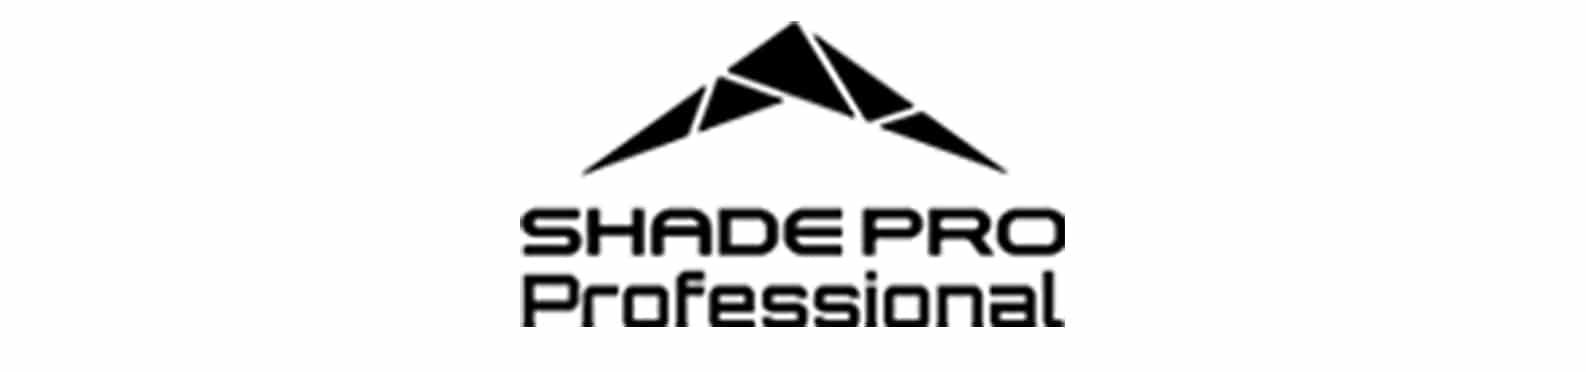 Shade Pro